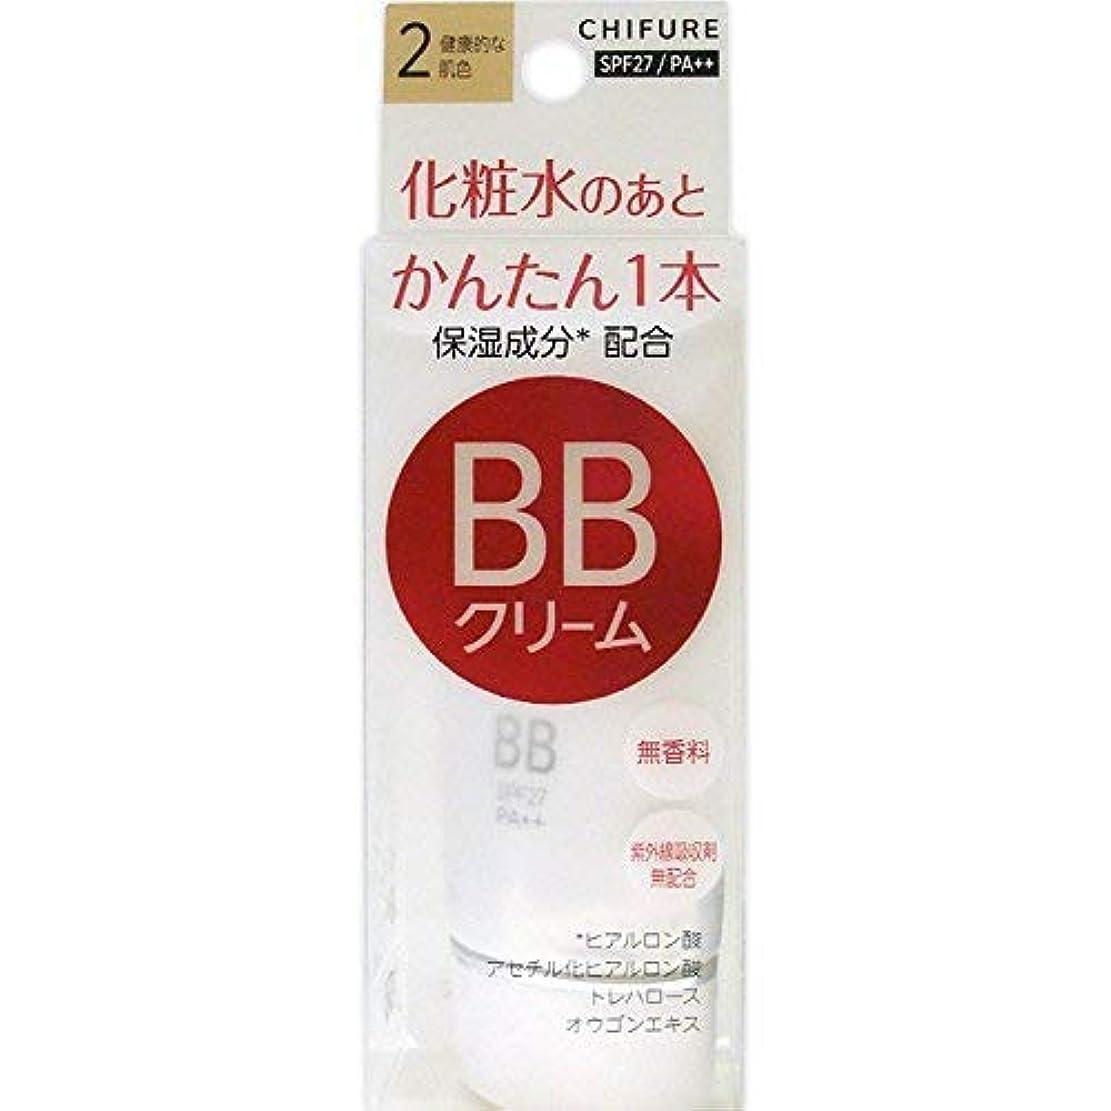 夢分散スーパーマーケットちふれ化粧品 BB クリーム 2 健康的な肌色 BBクリーム 2